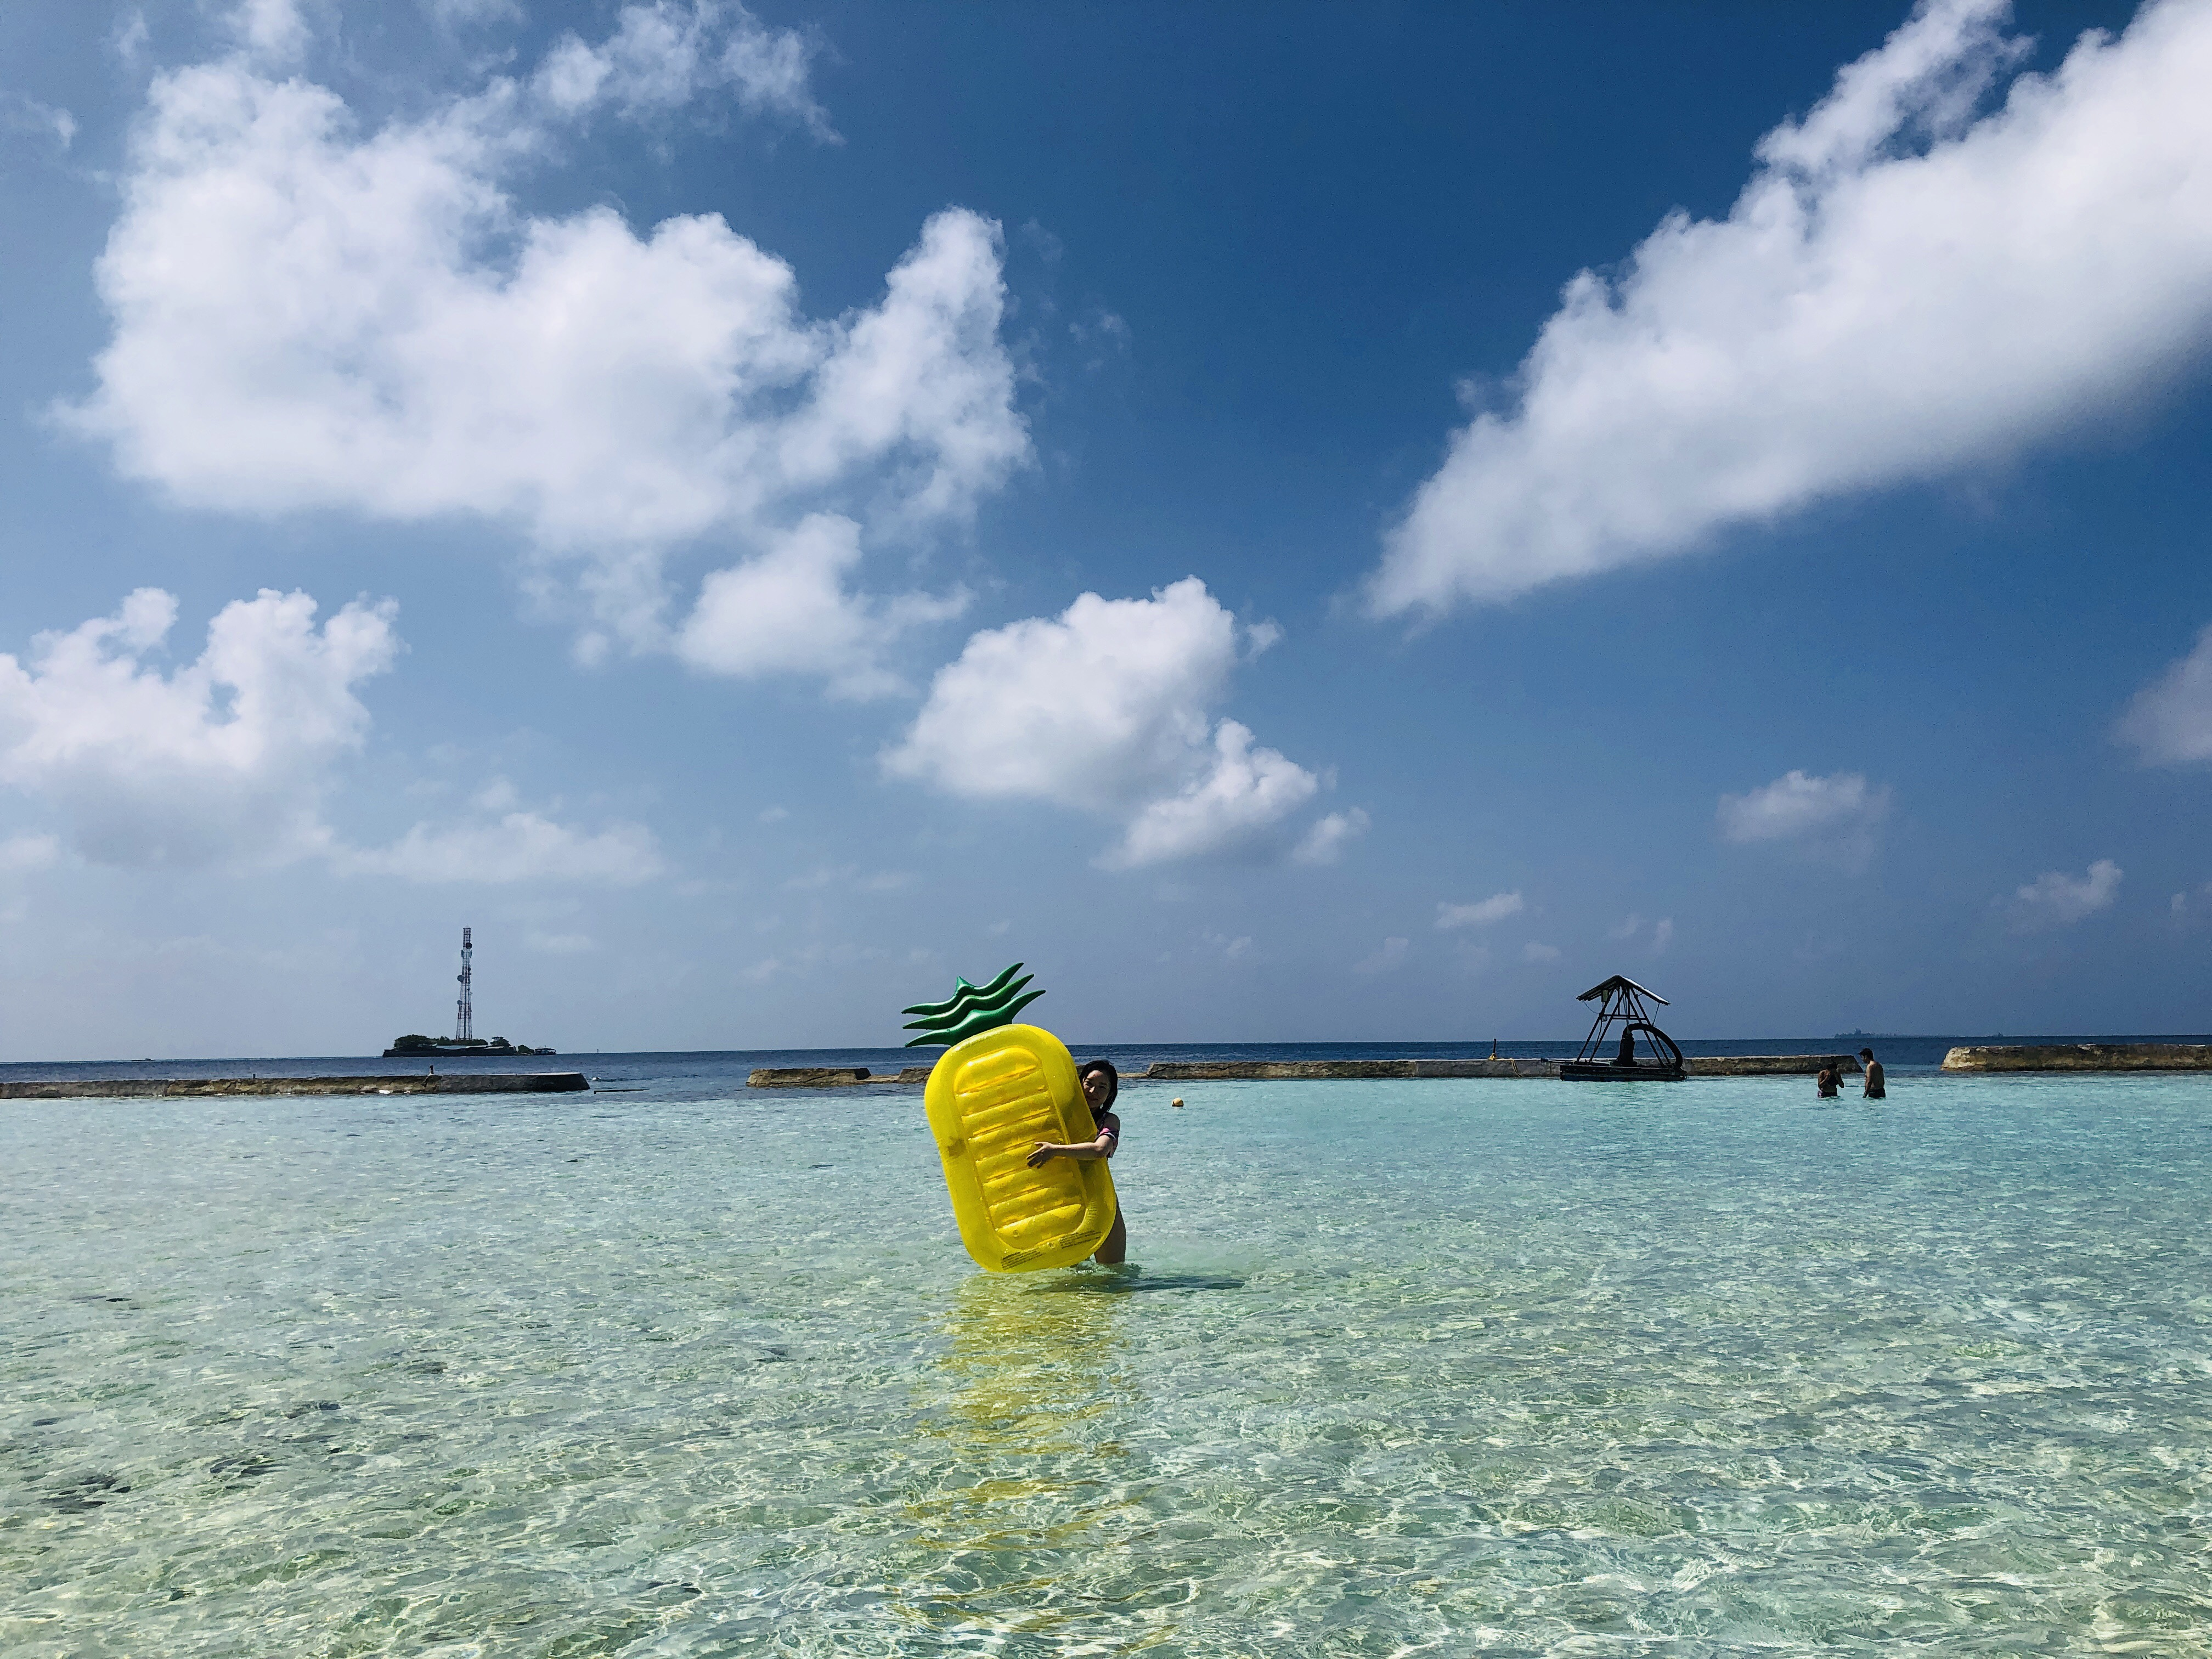 [몰디브] 인도양 작은 섬나라의 예쁜 바다 사진 at Ellaidhoo Maldives By Cinnamon